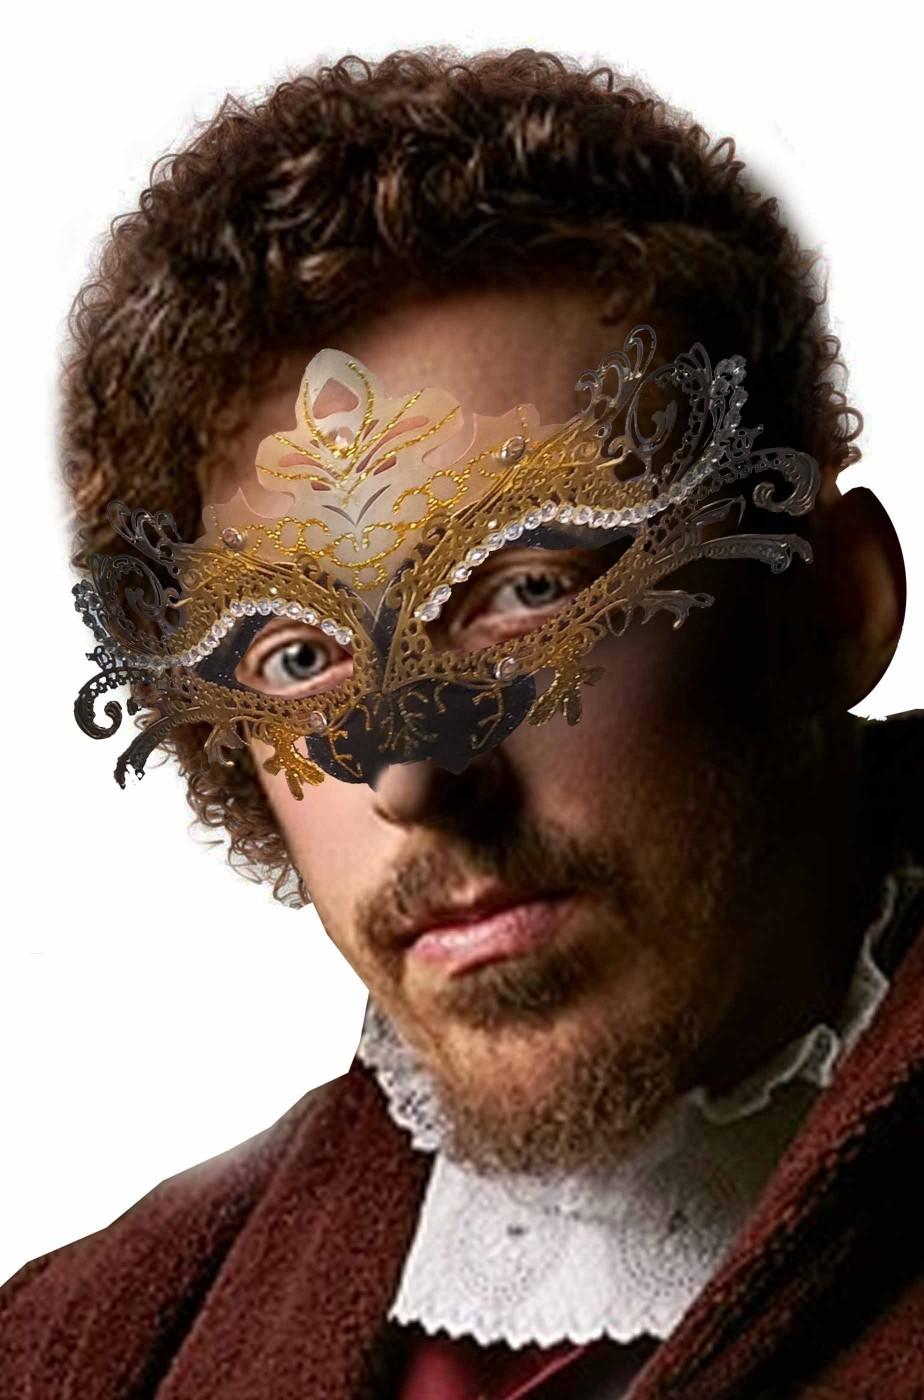 Maschera carnevale veneziano nera e oro con pietre finte